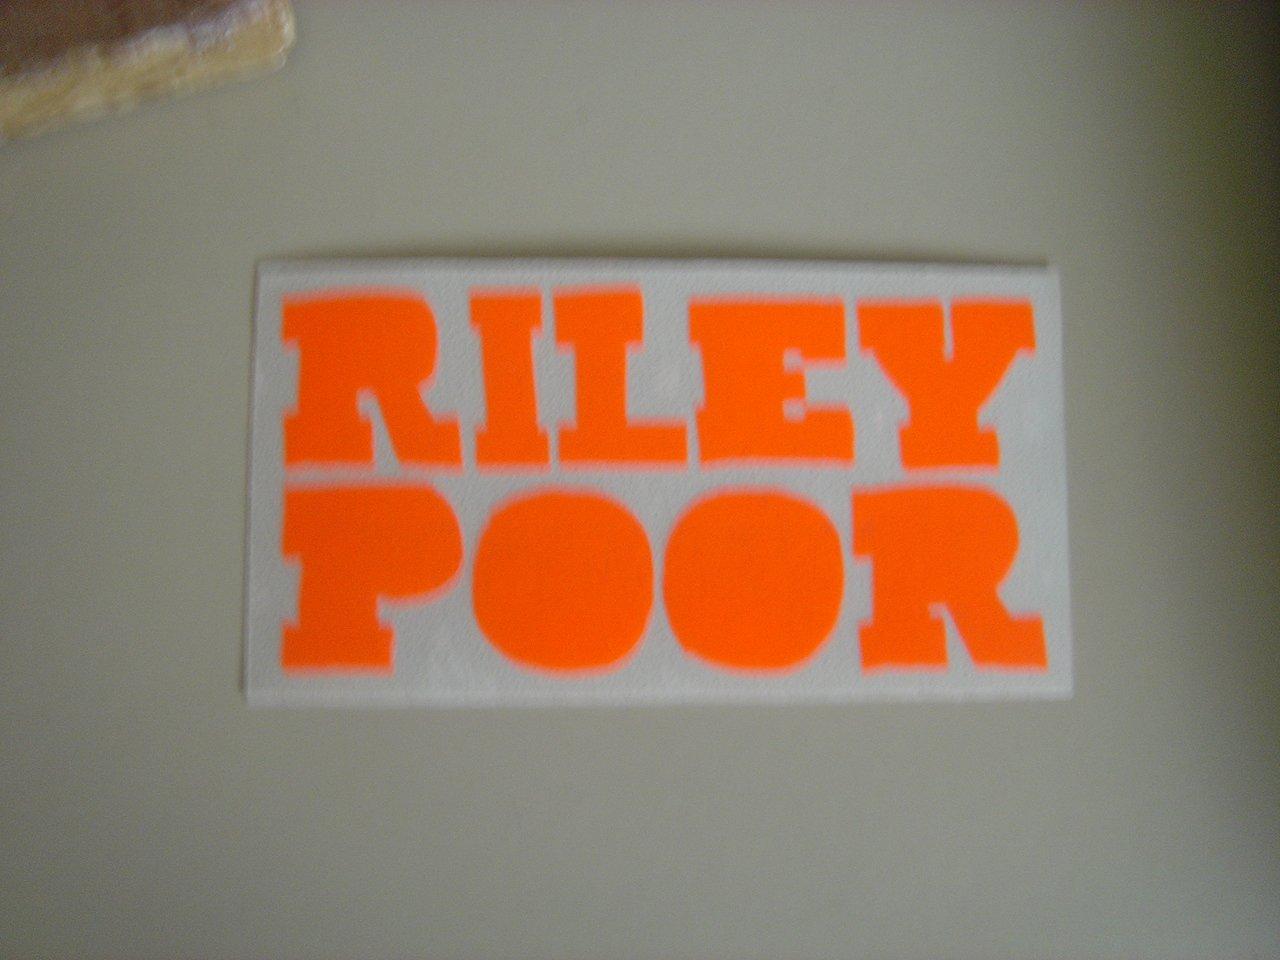 Riley Poor Sticker